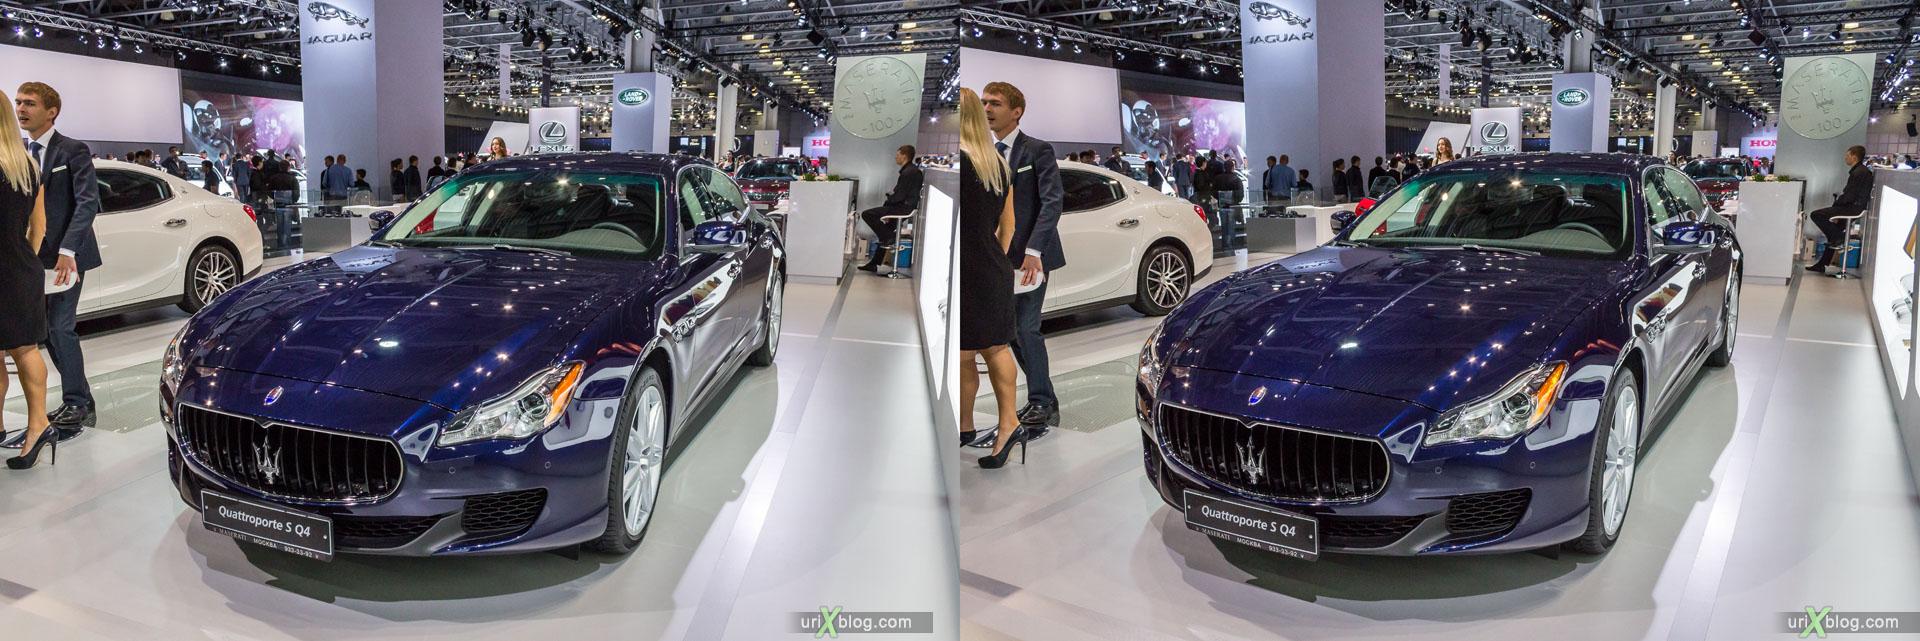 Maserati Quattroporte S Q4, ММАС 2014, Московский Международный Автомобильный Салон 2014, Крокус Экспо, машина, автомобиль, девушка, модель, женщина, выставка, Москва, Россия, 3D, перекрёстная стереопара, стерео, стереопара, 2014